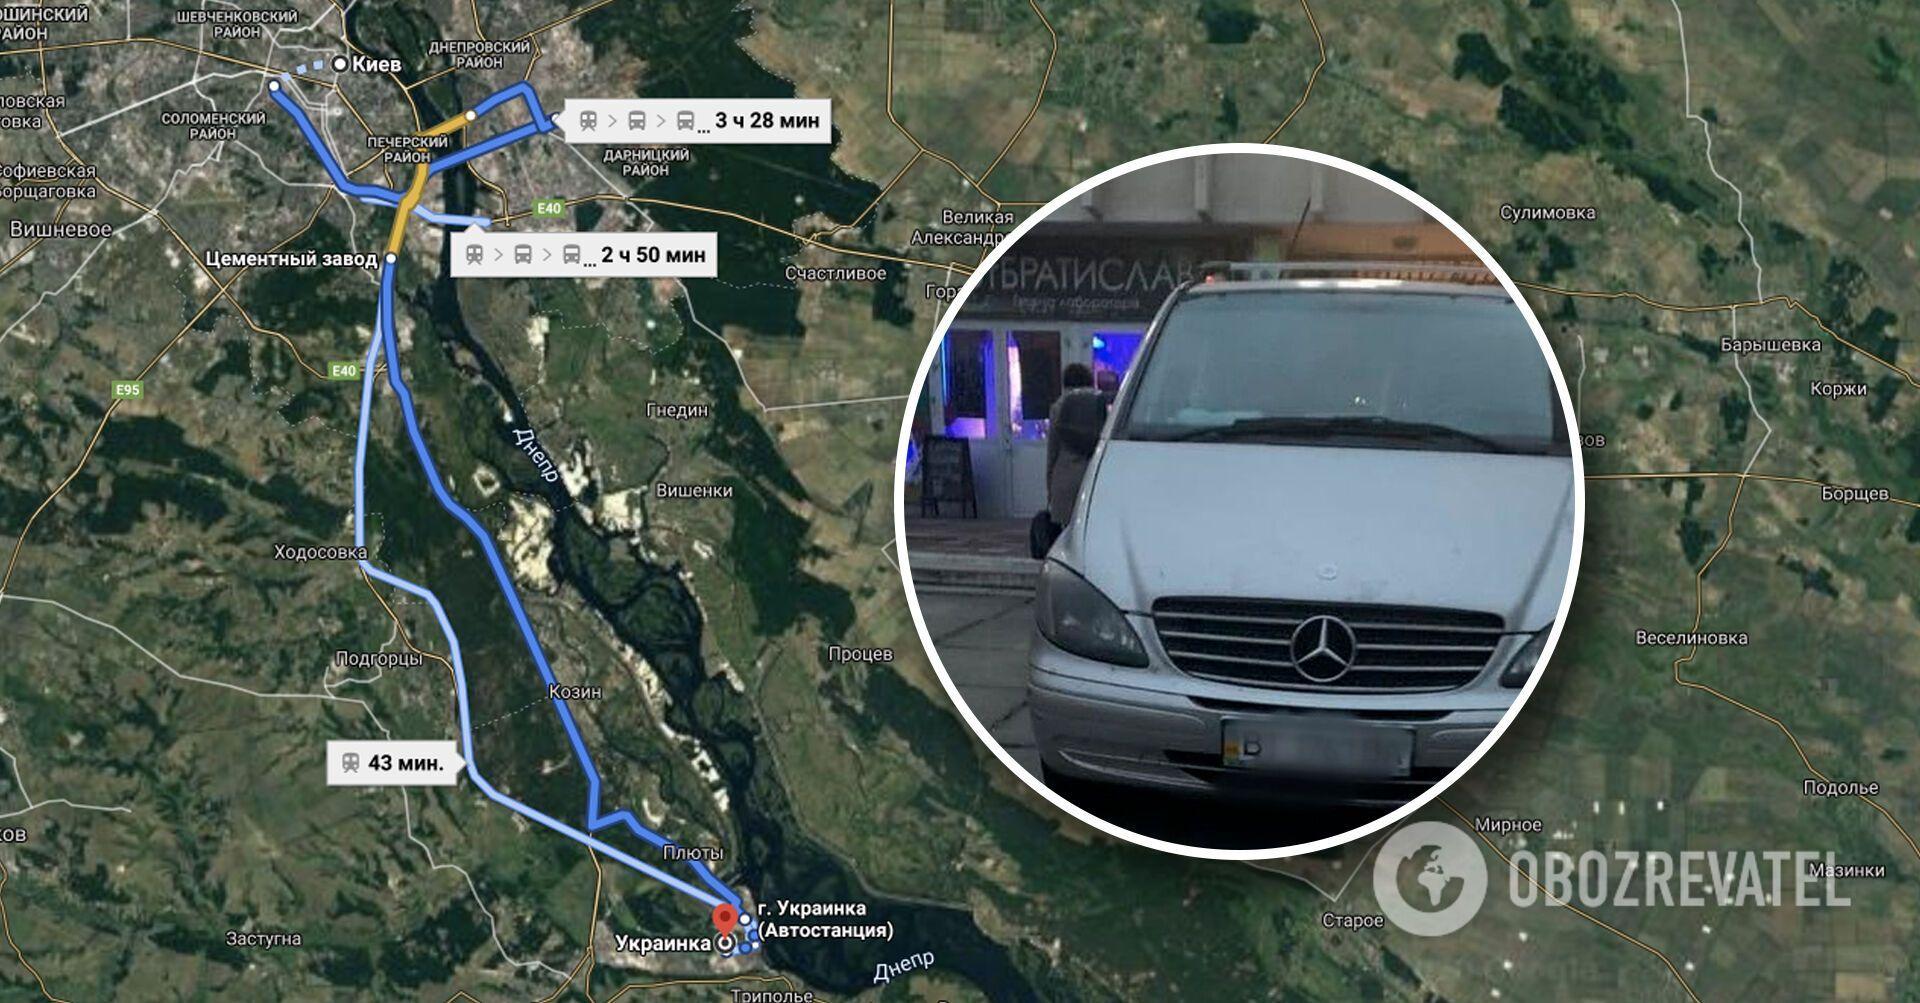 Девочка утверждает, что она с подругой и фотографом уехали из Украинки в Киев на его автомобиле